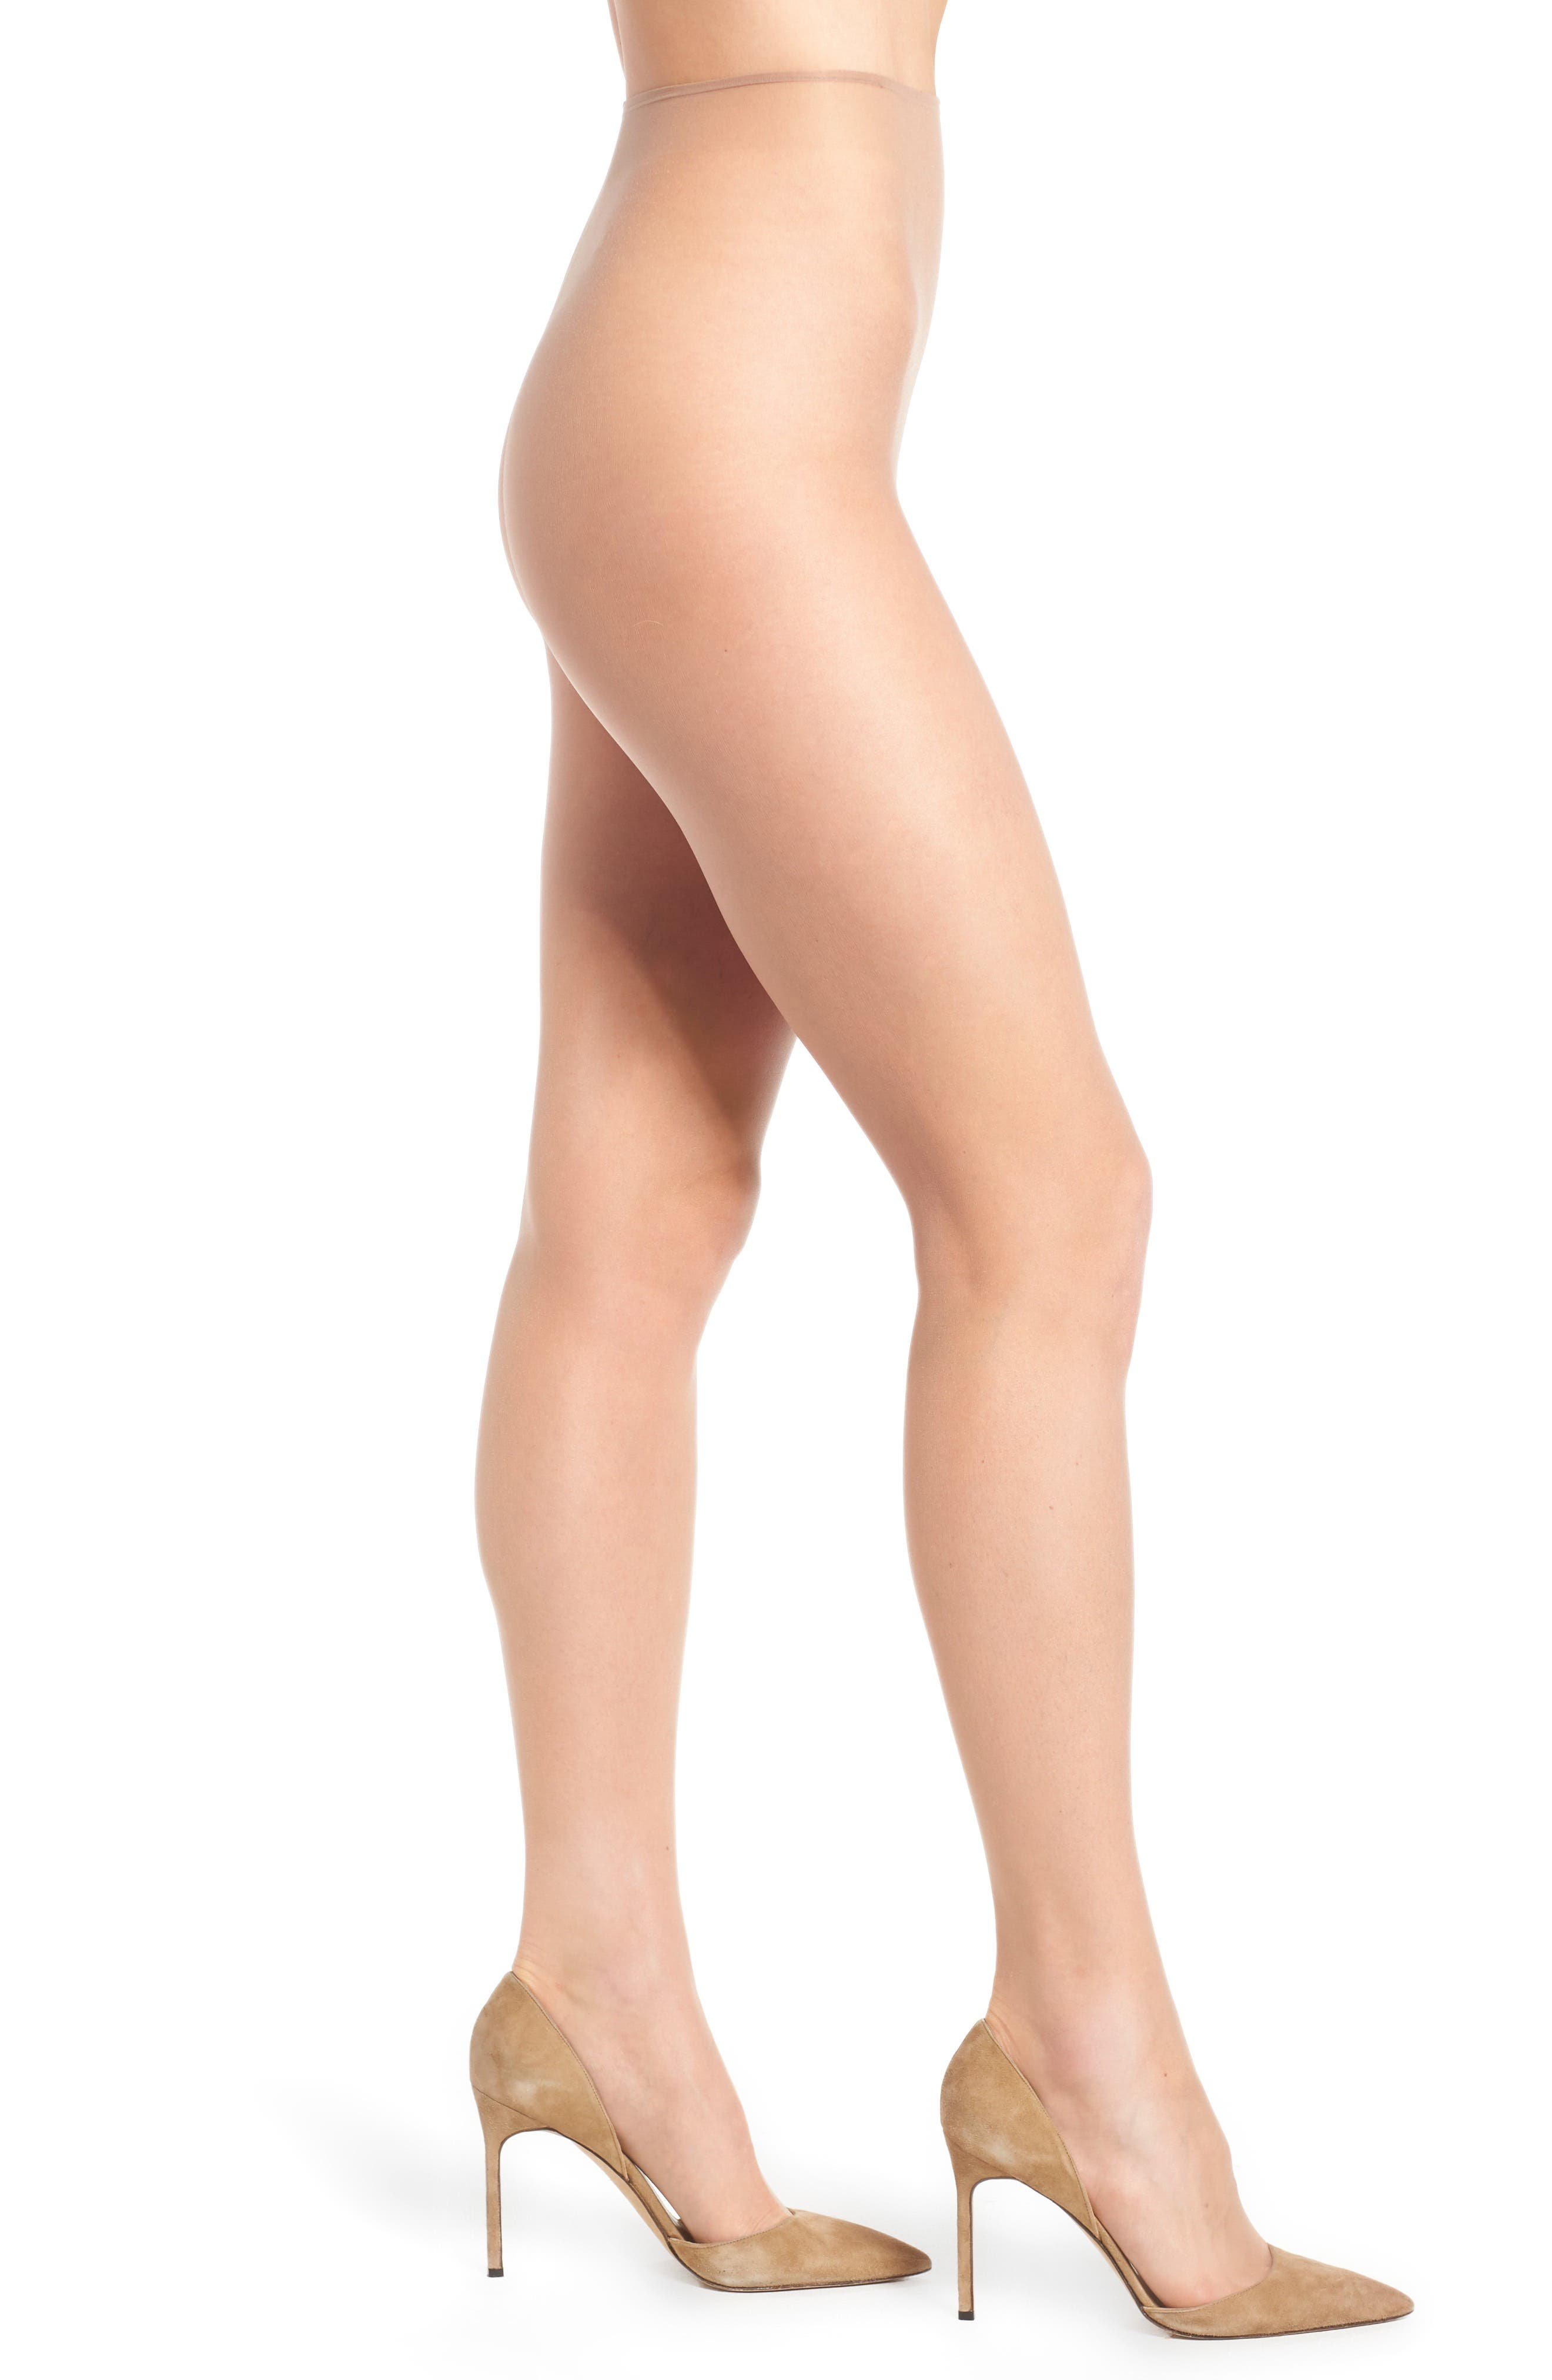 Image of Donna Karan Sheer to Waist Tights